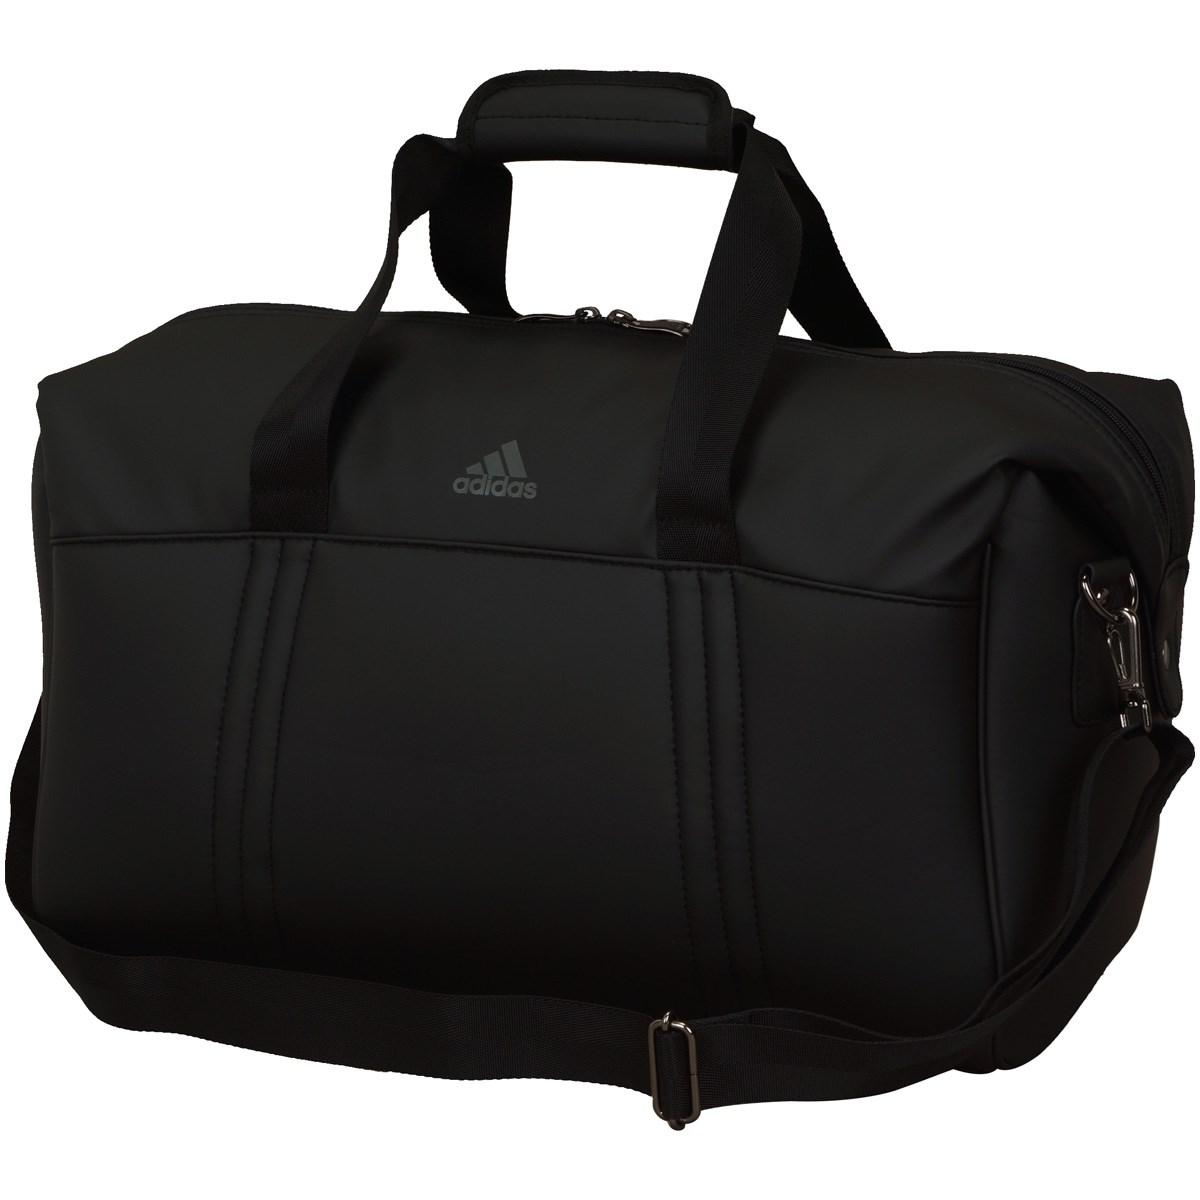 アディダス(adidas) マットポリウレタン ボストンバッグ